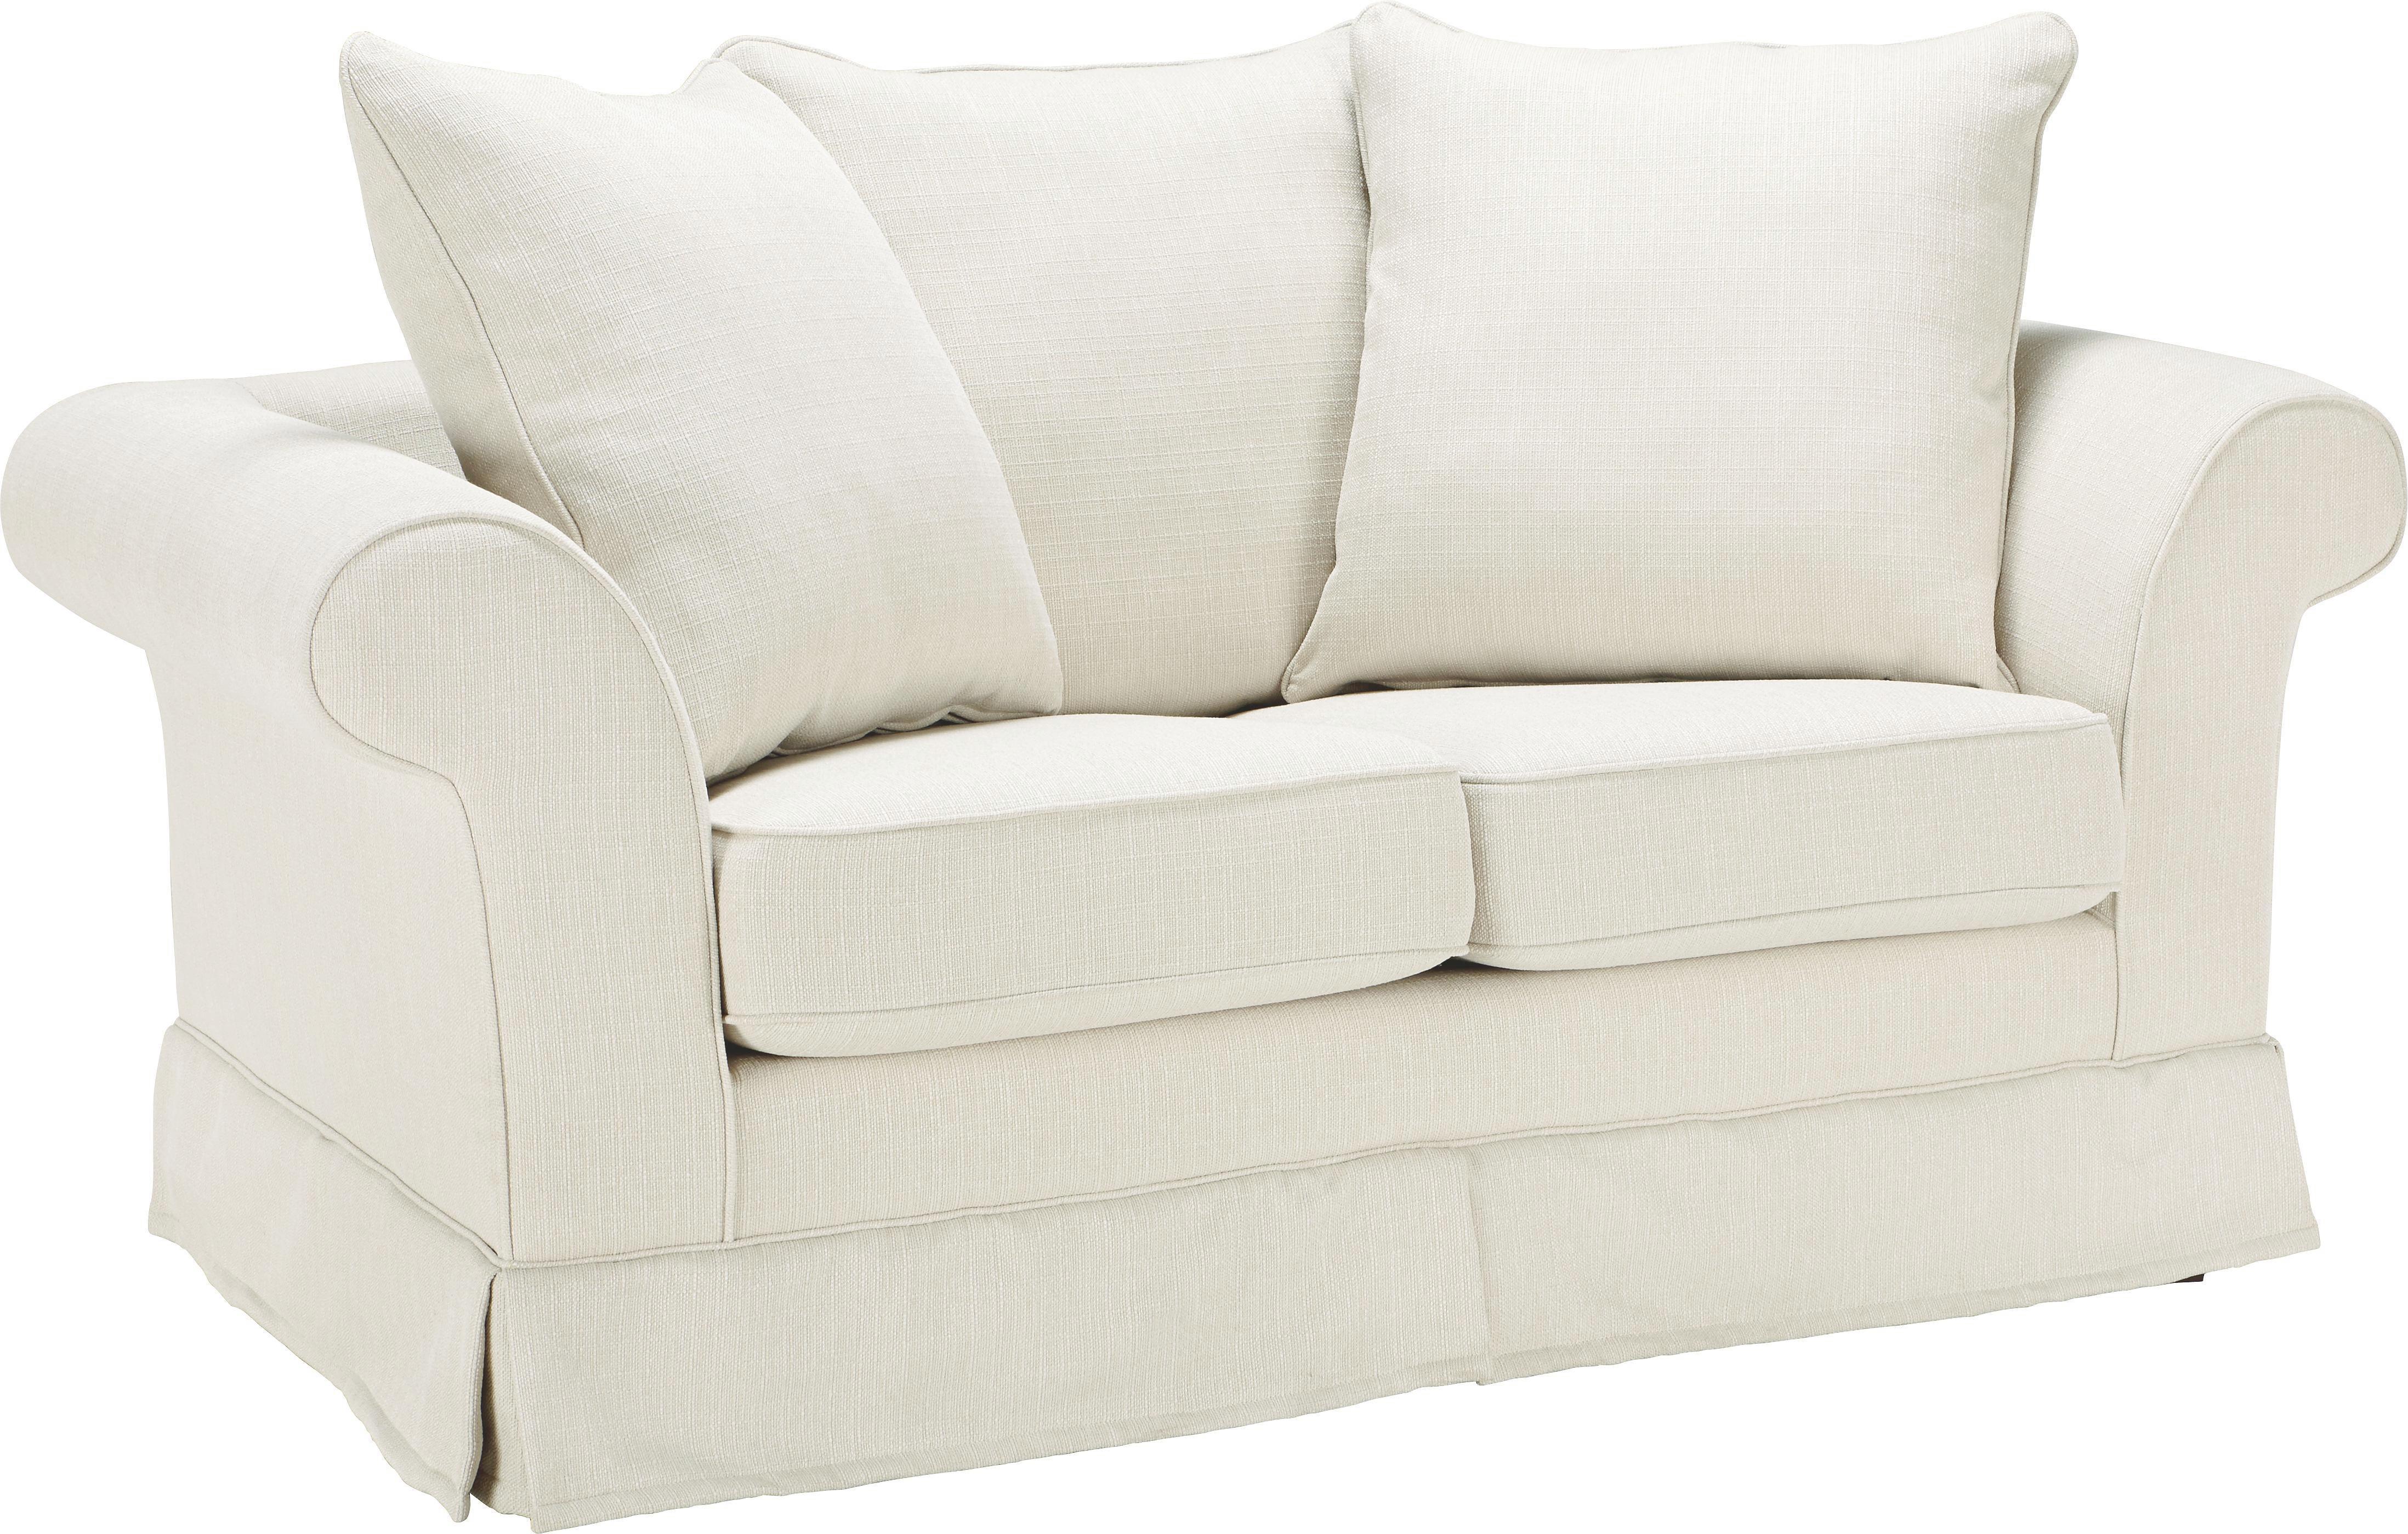 Zweisitzer-Sofa Beige - Beige/Dunkelbraun, ROMANTIK / LANDHAUS, Holz/Textil (166/71/92cm) - ZANDIARA